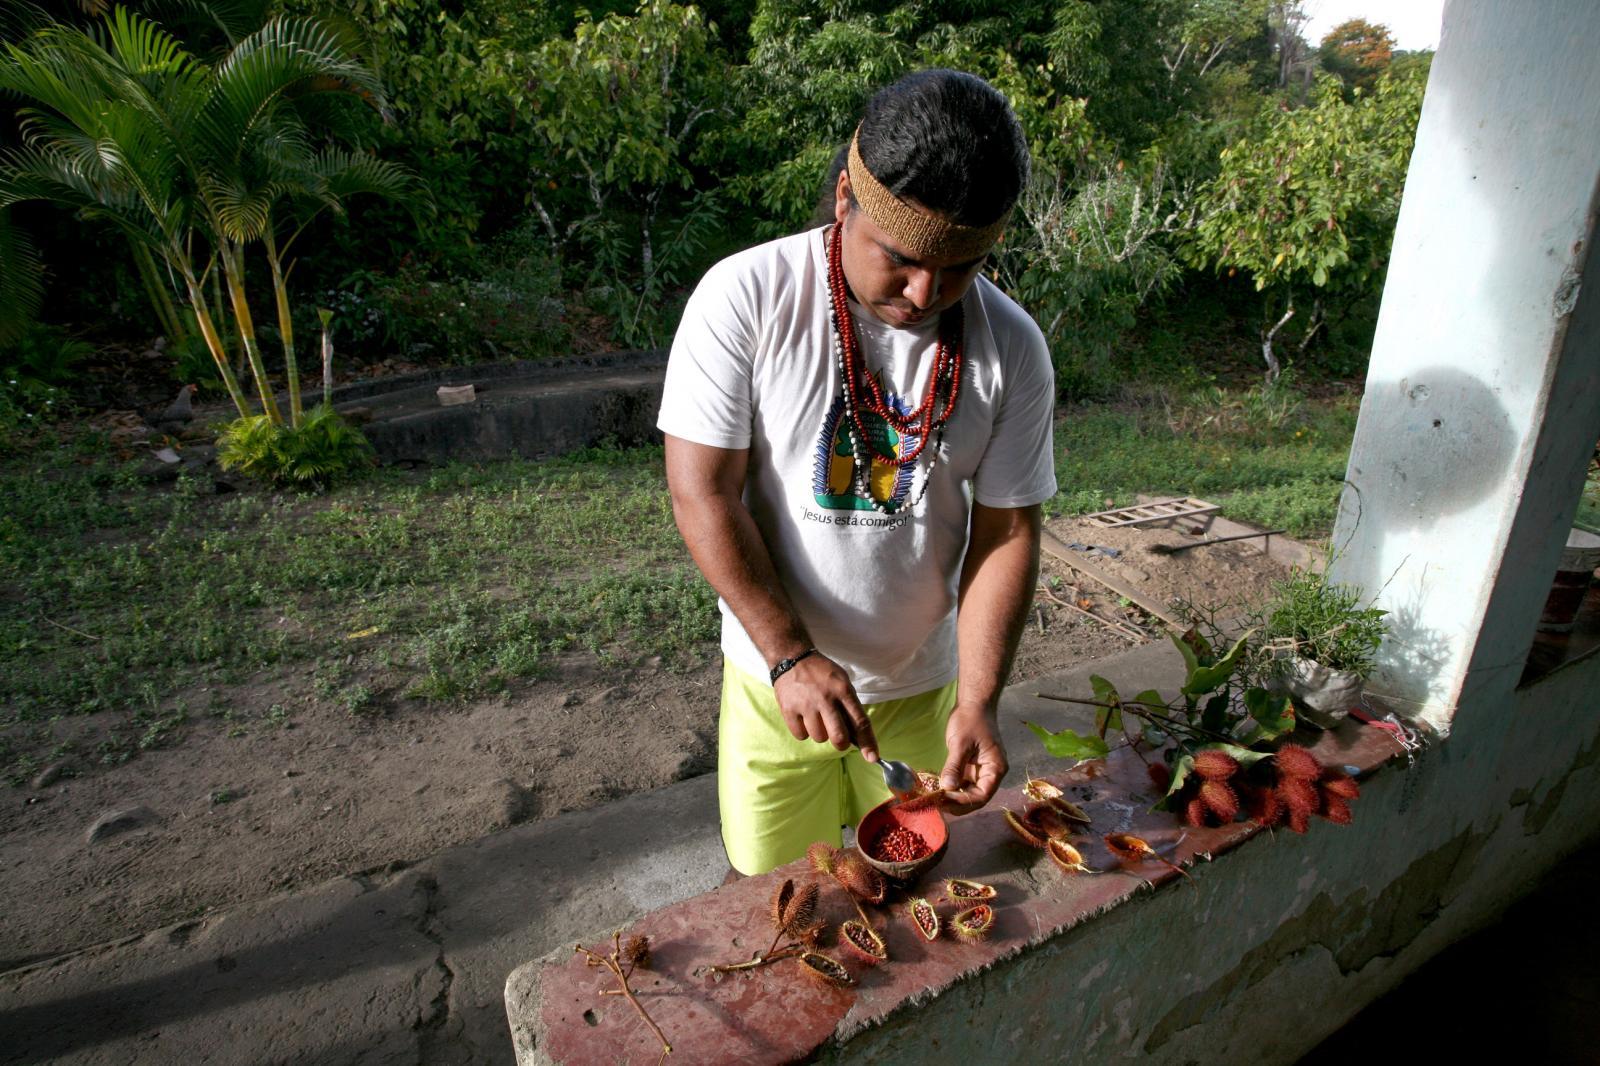 Fábio Titiá, uma liderança dos Pataxós HãHãHãe prepares Urucum paint for a Tore.